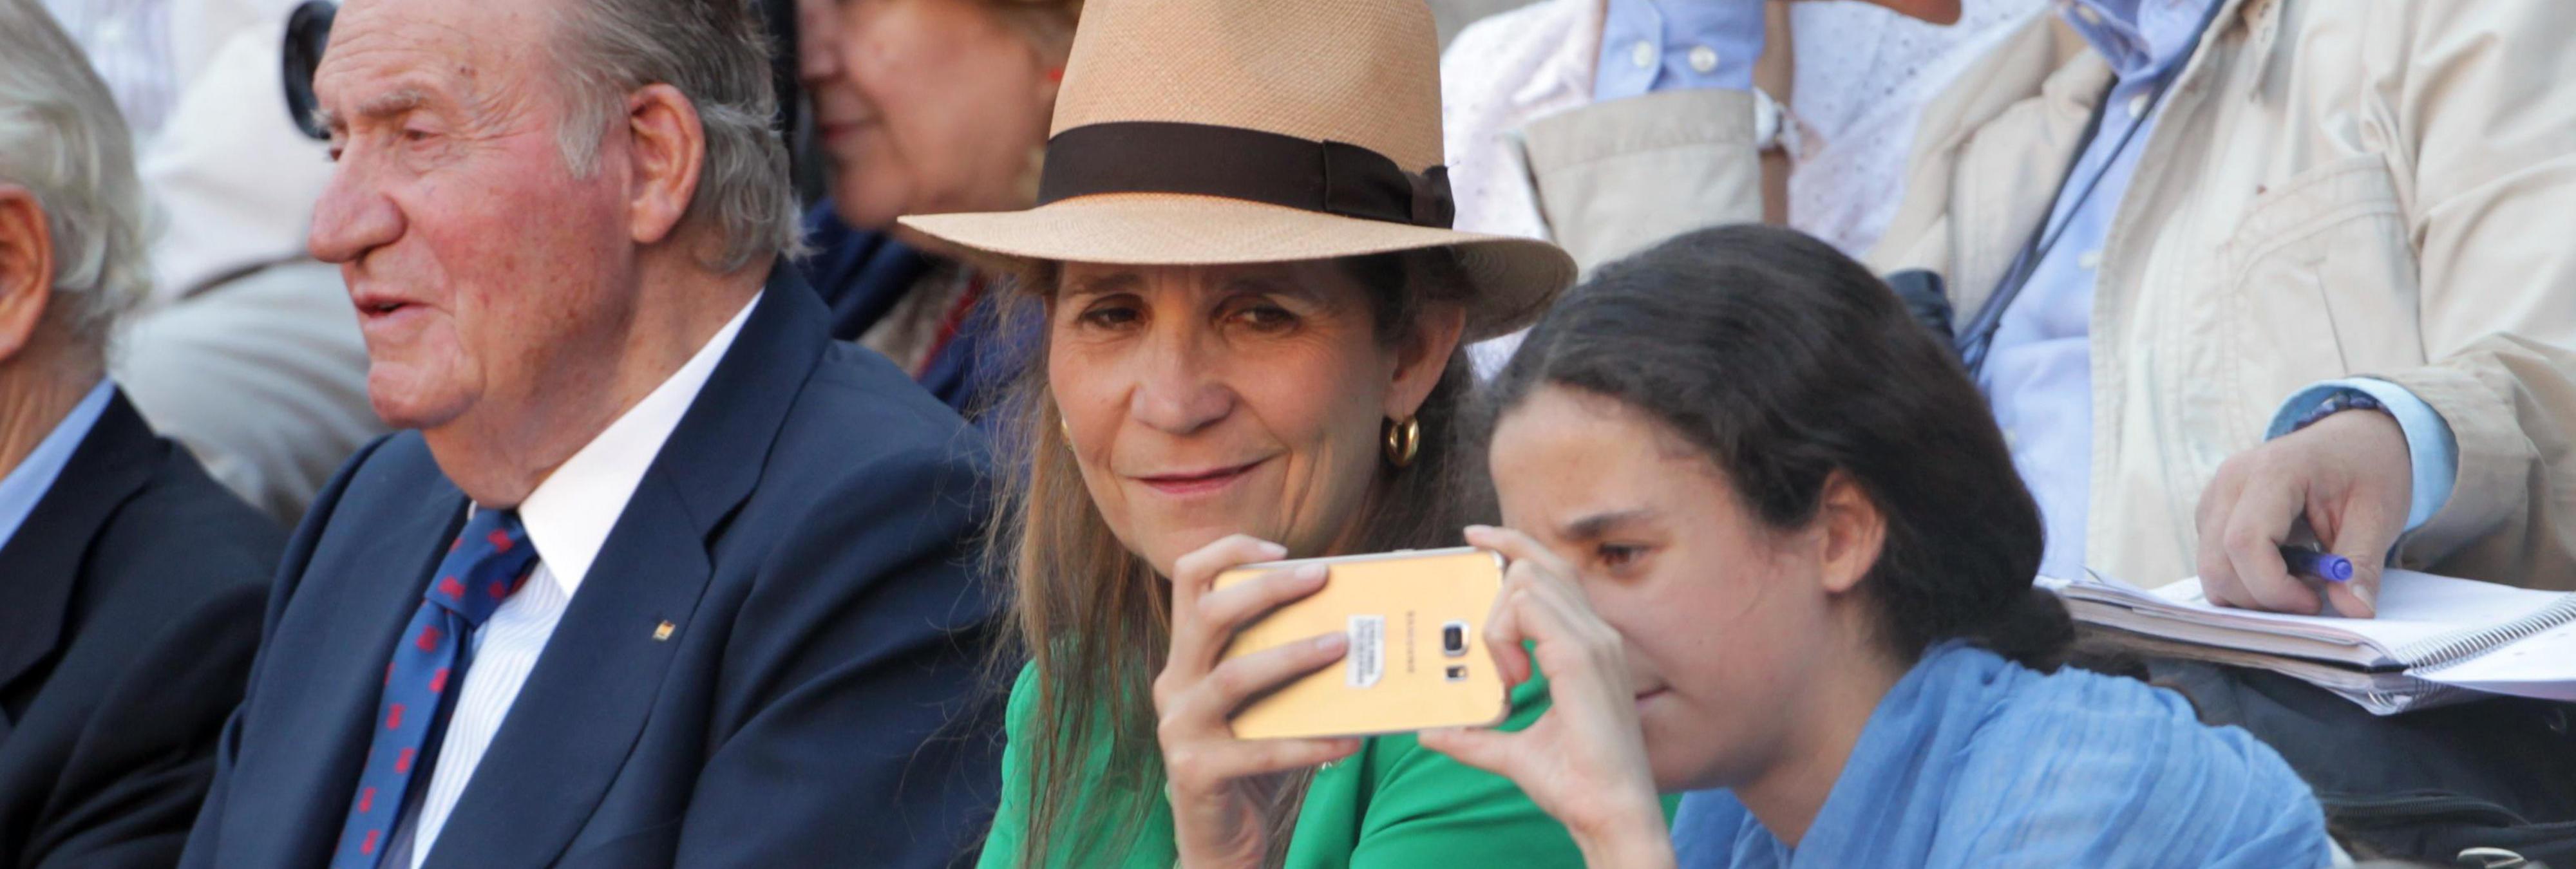 La Infanta Elena se salta la ley al llevar a su hija a los toros